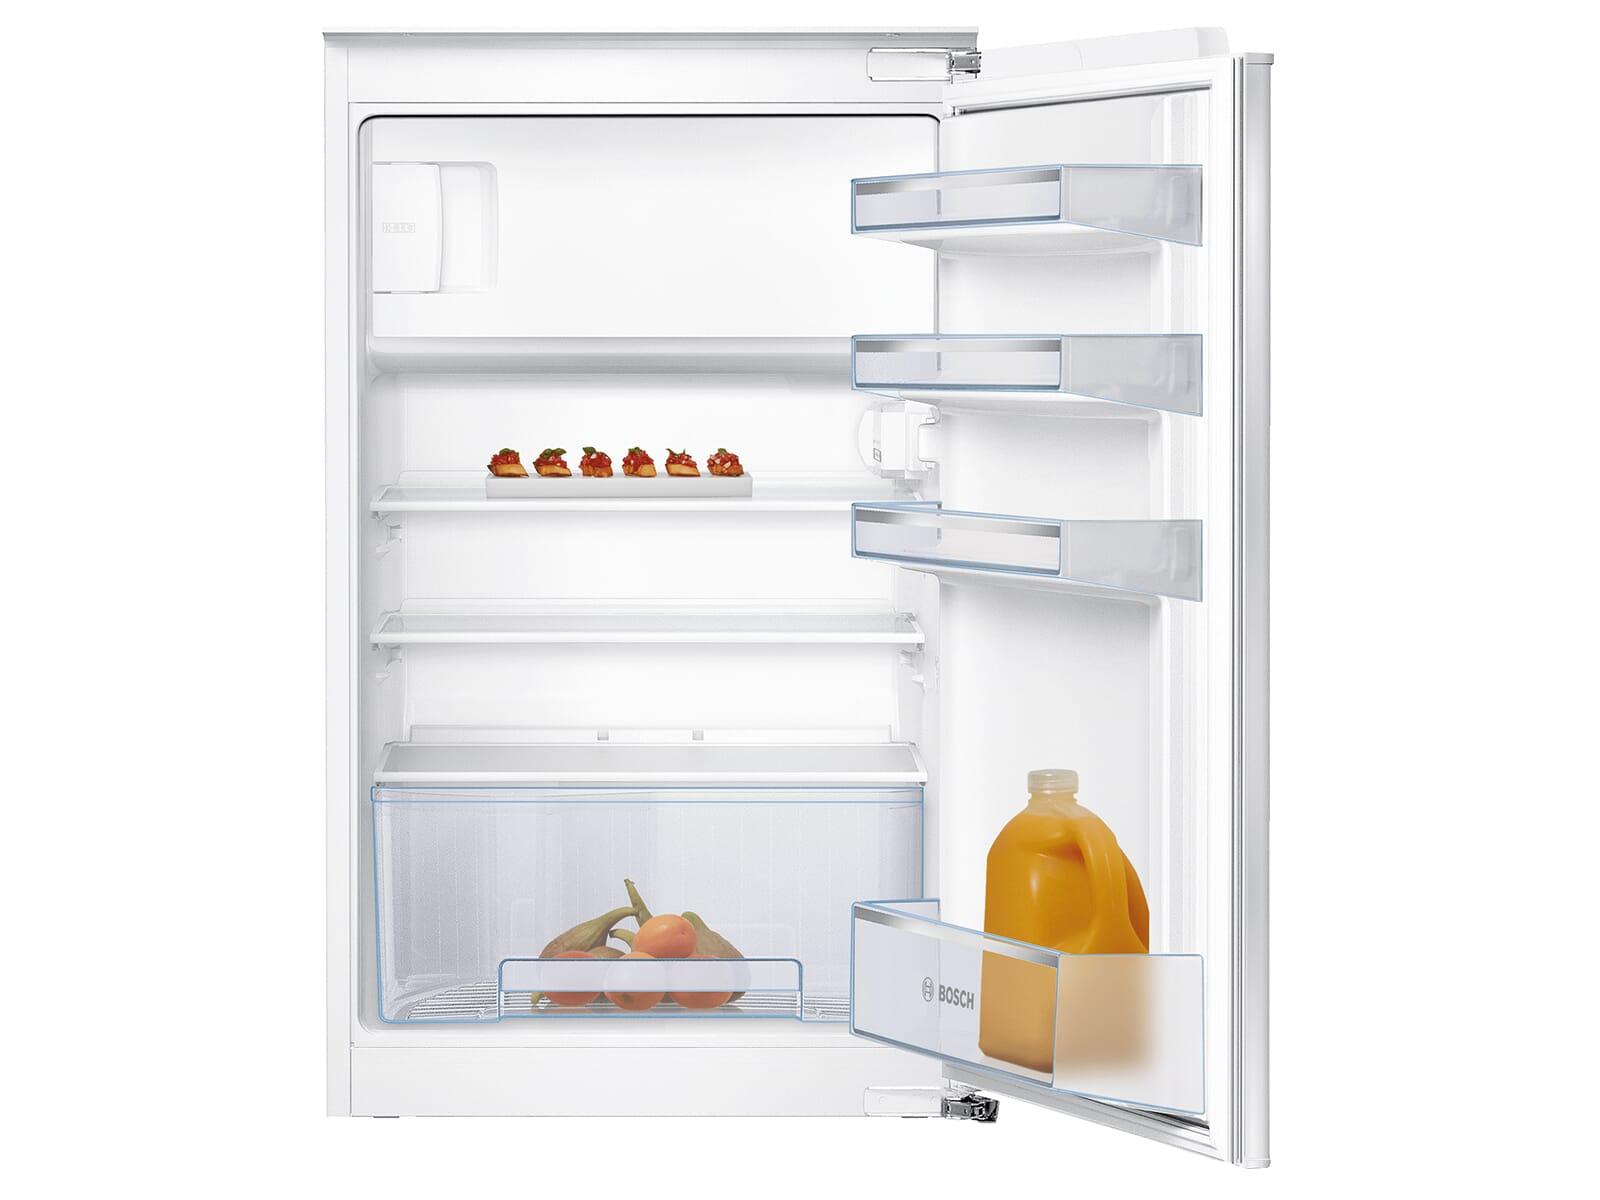 Bosch KIL18NSF0 Einbaukühlschrank mit Gefrierfach